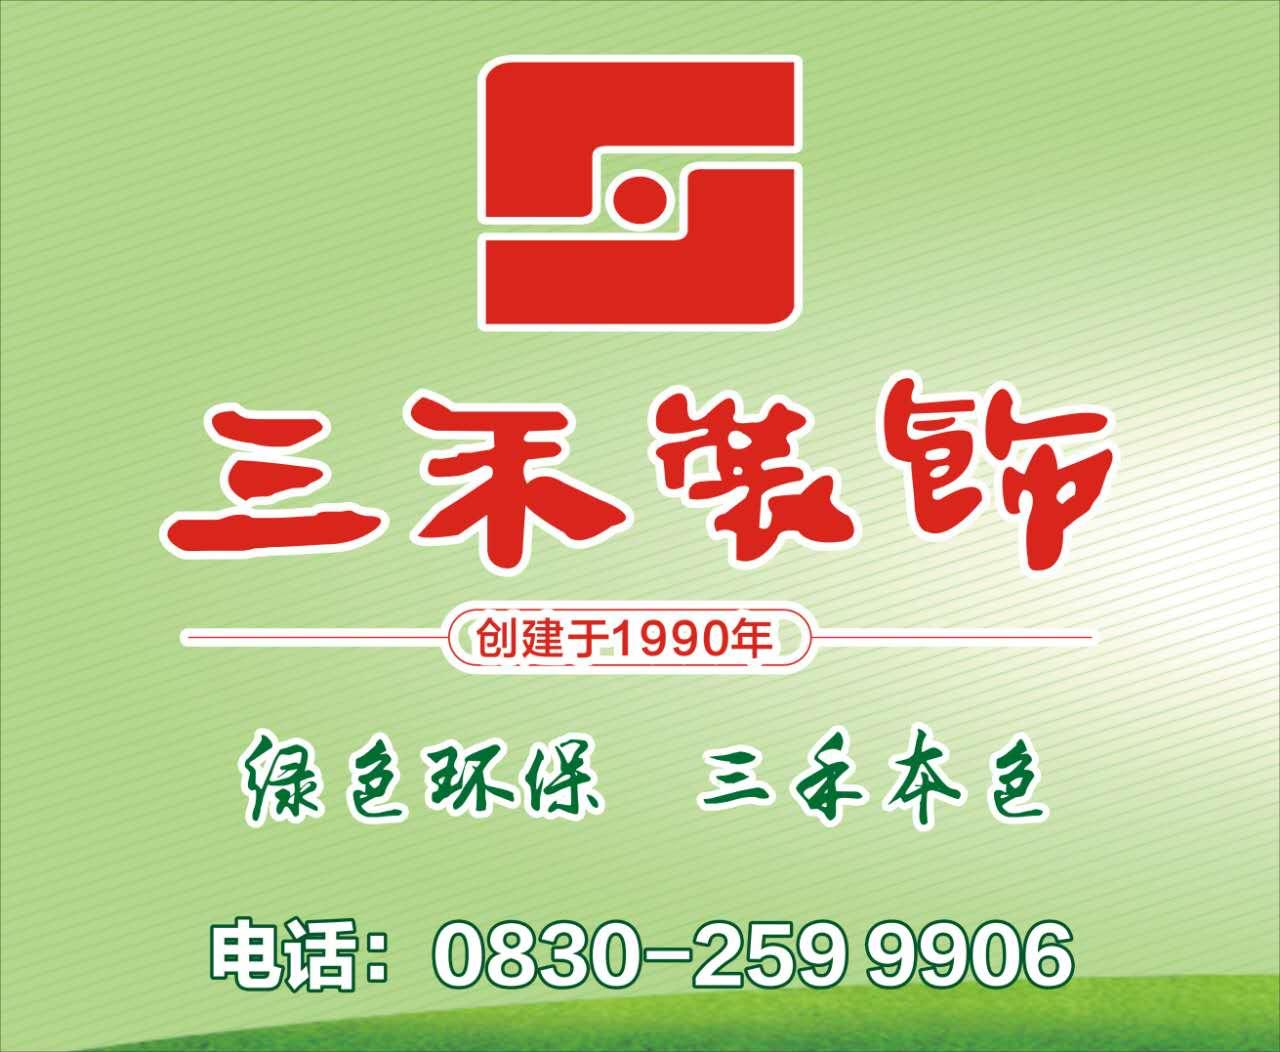 泸州市三禾装饰有限公司